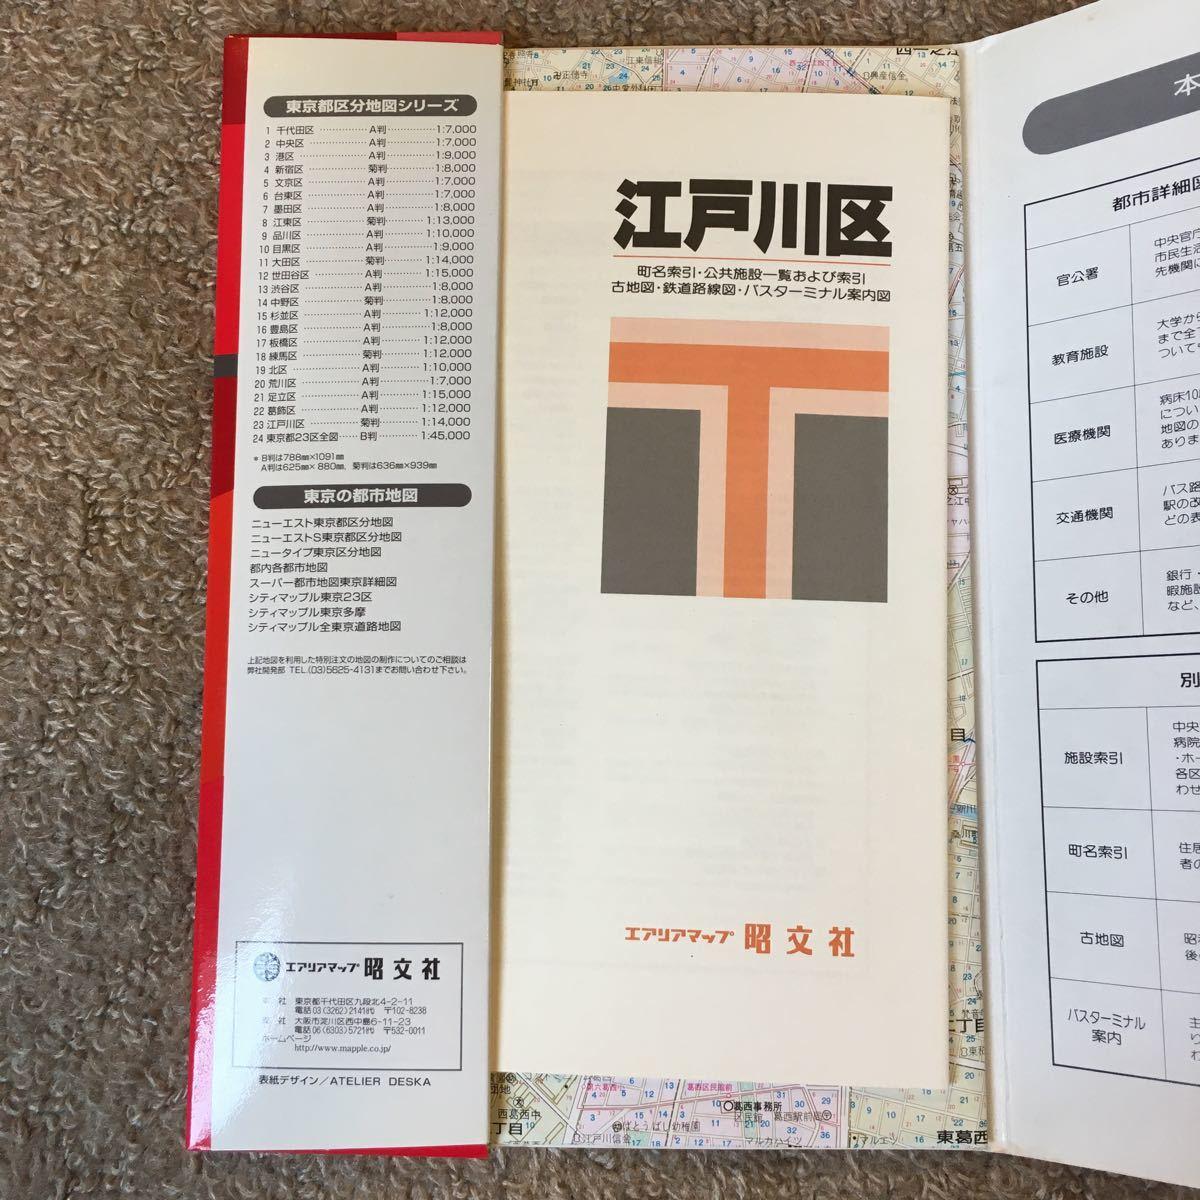 【中古】東京都区分地図 江戸川区 エリアマップ 昭文社 1999年_画像3